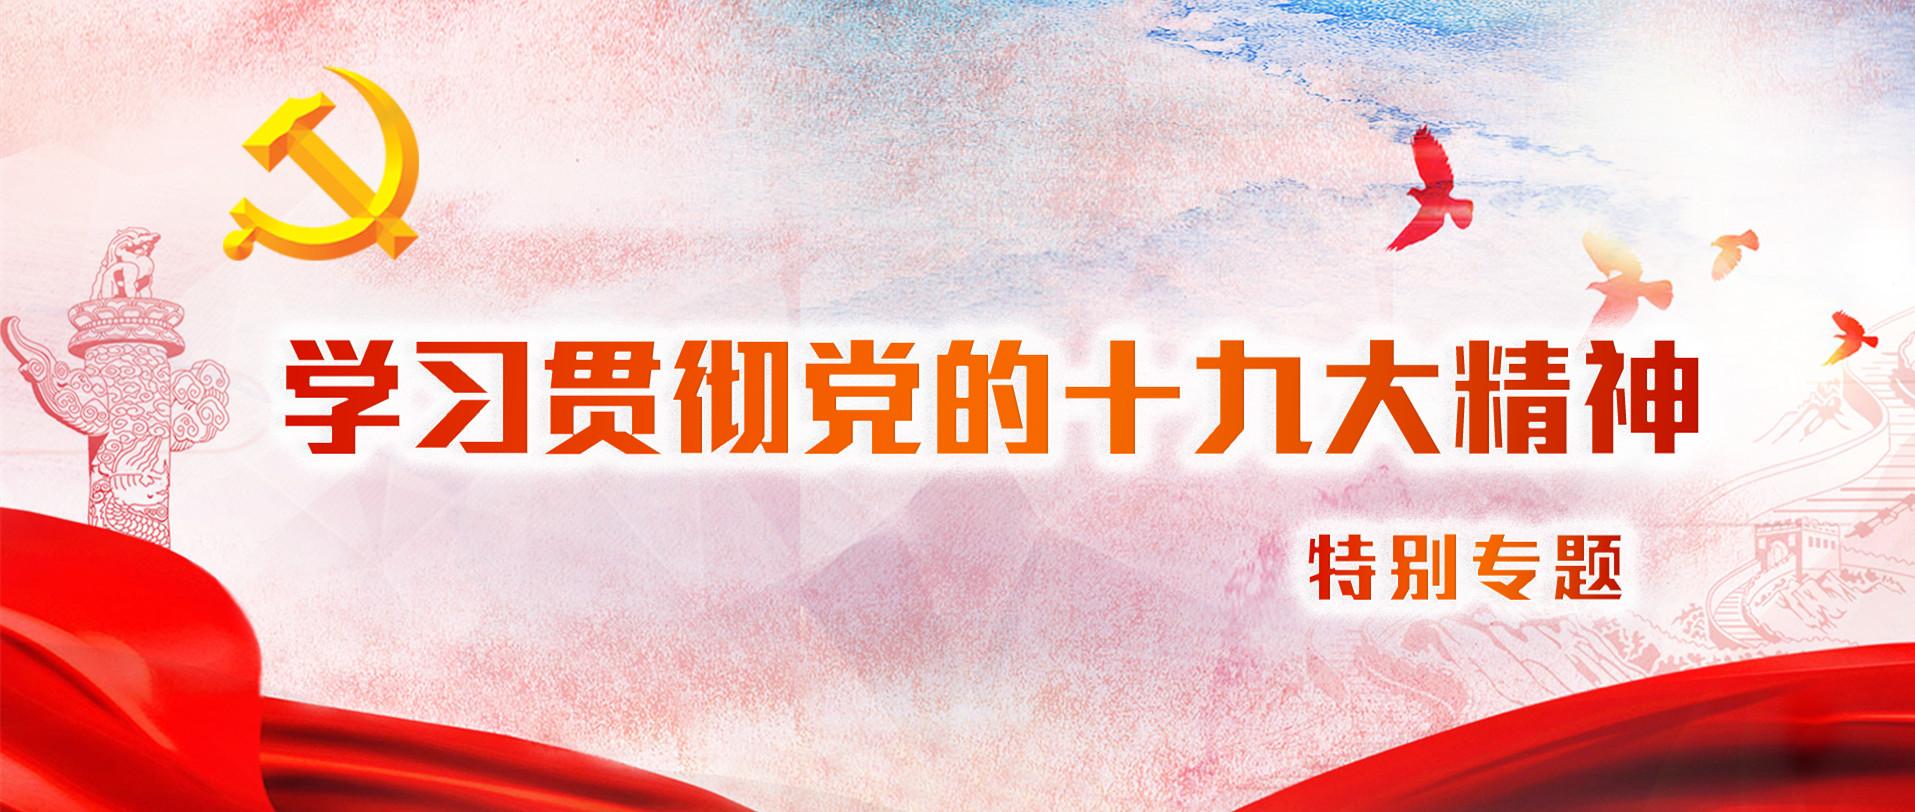 2018年中国文物信息咨询中心学习贯彻十九大精神专题班